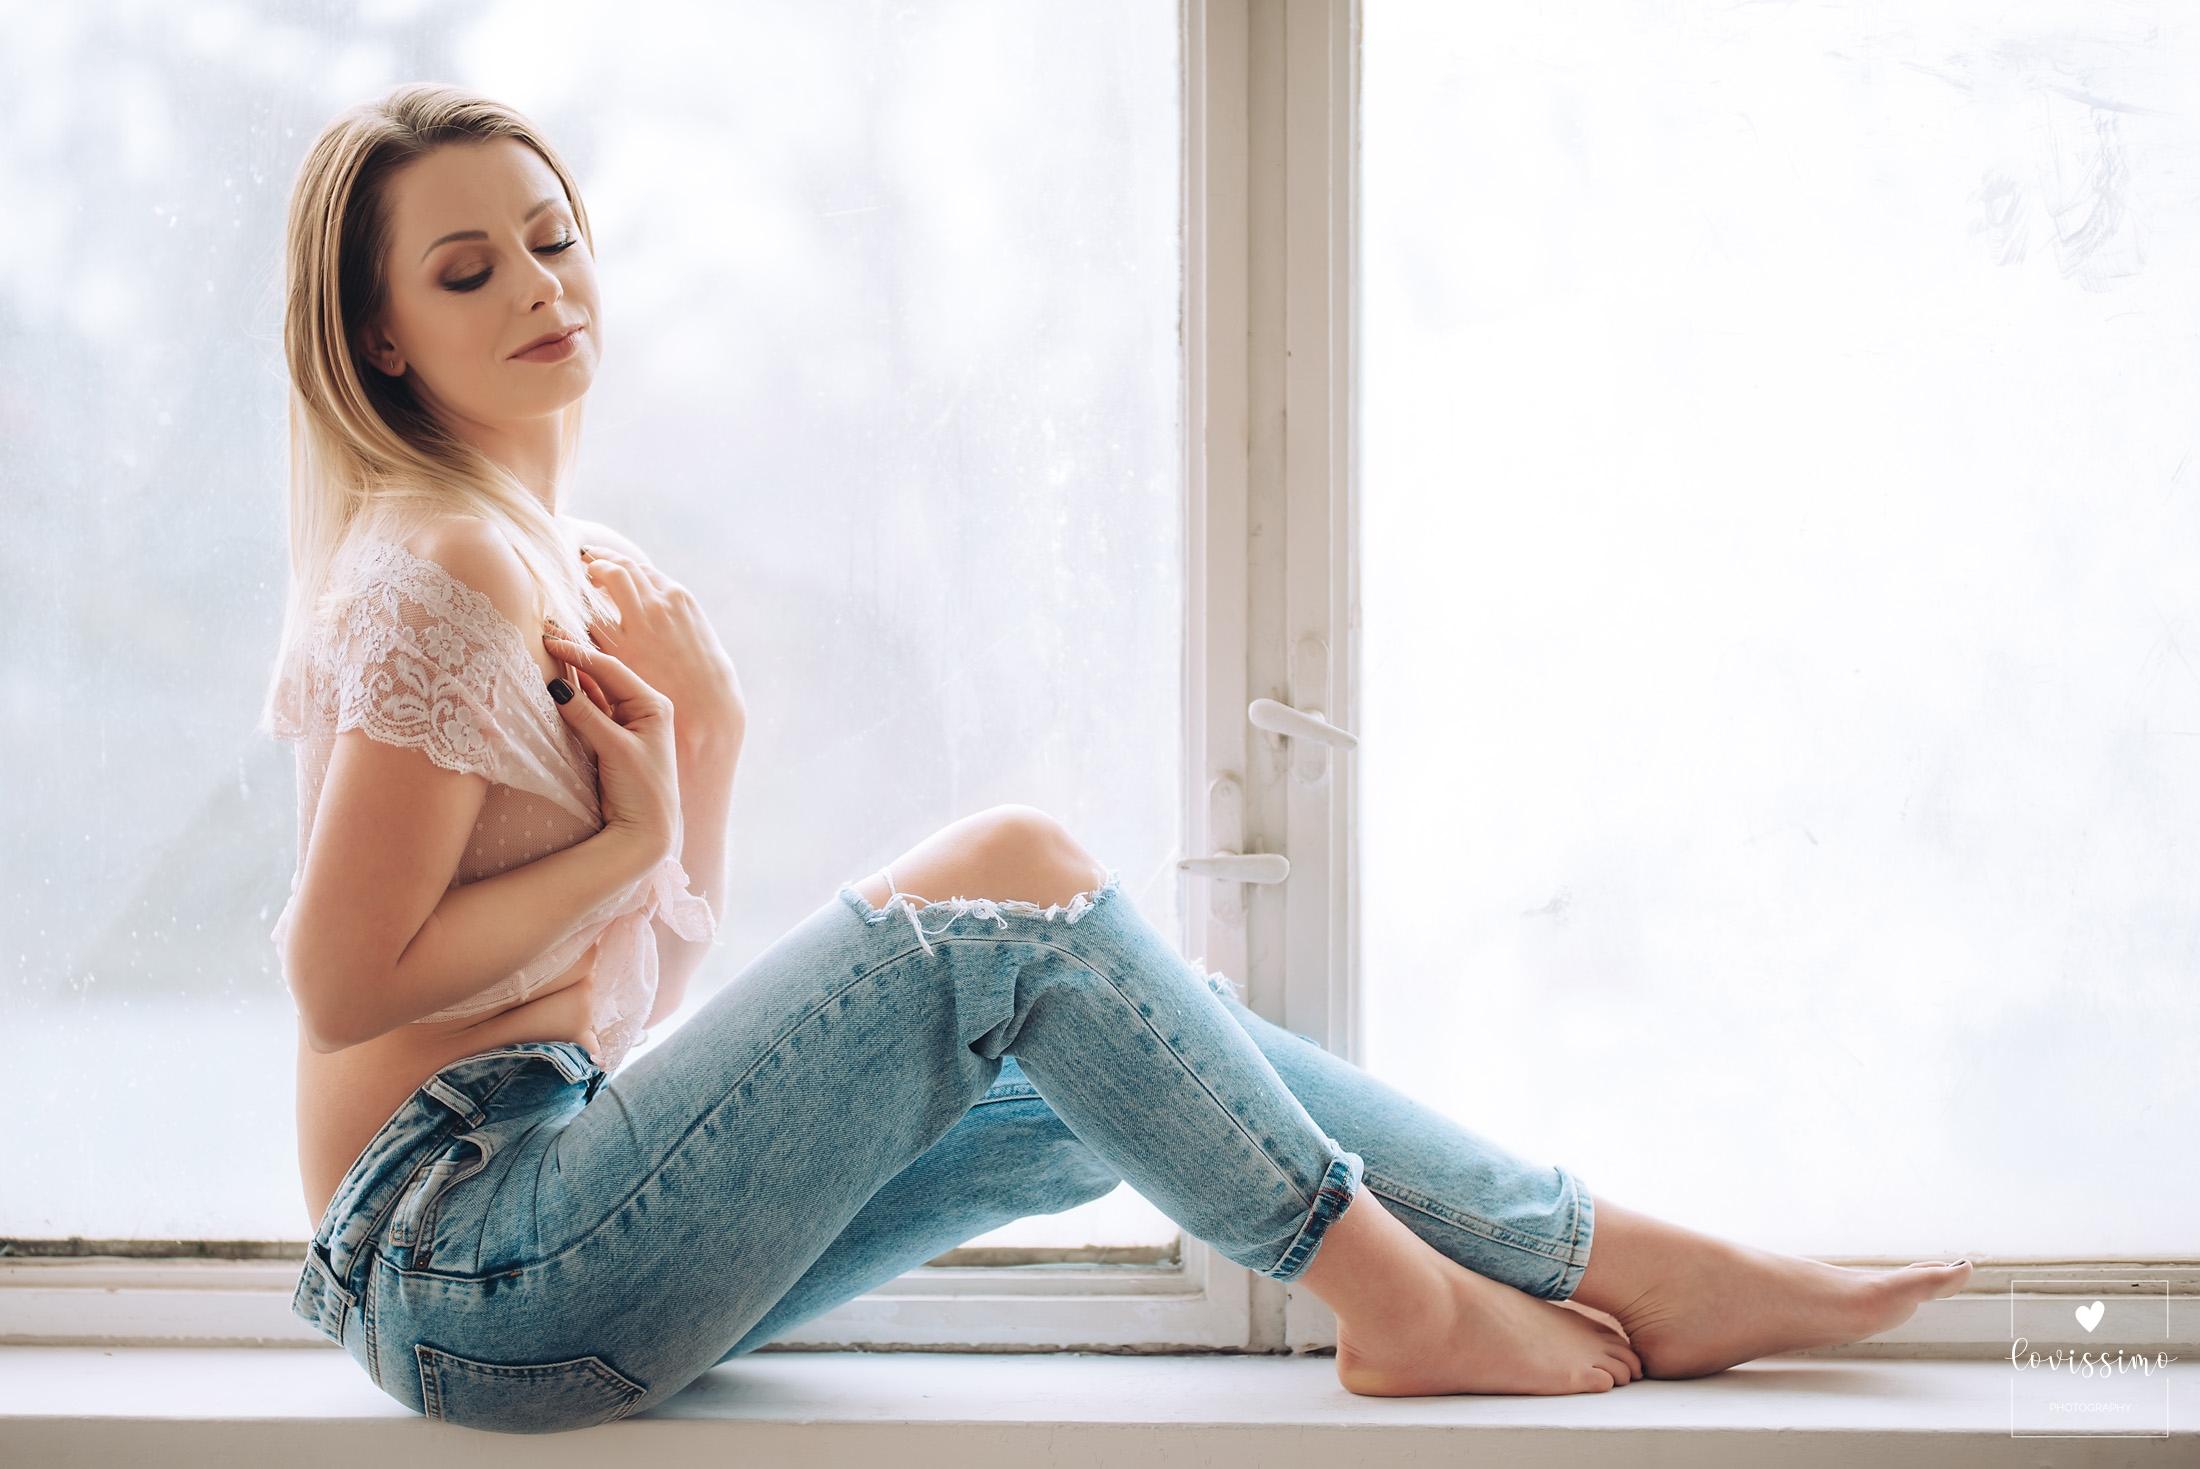 Sesja kobieca Rzeszów, sesja buduarowa, sesja sensualna